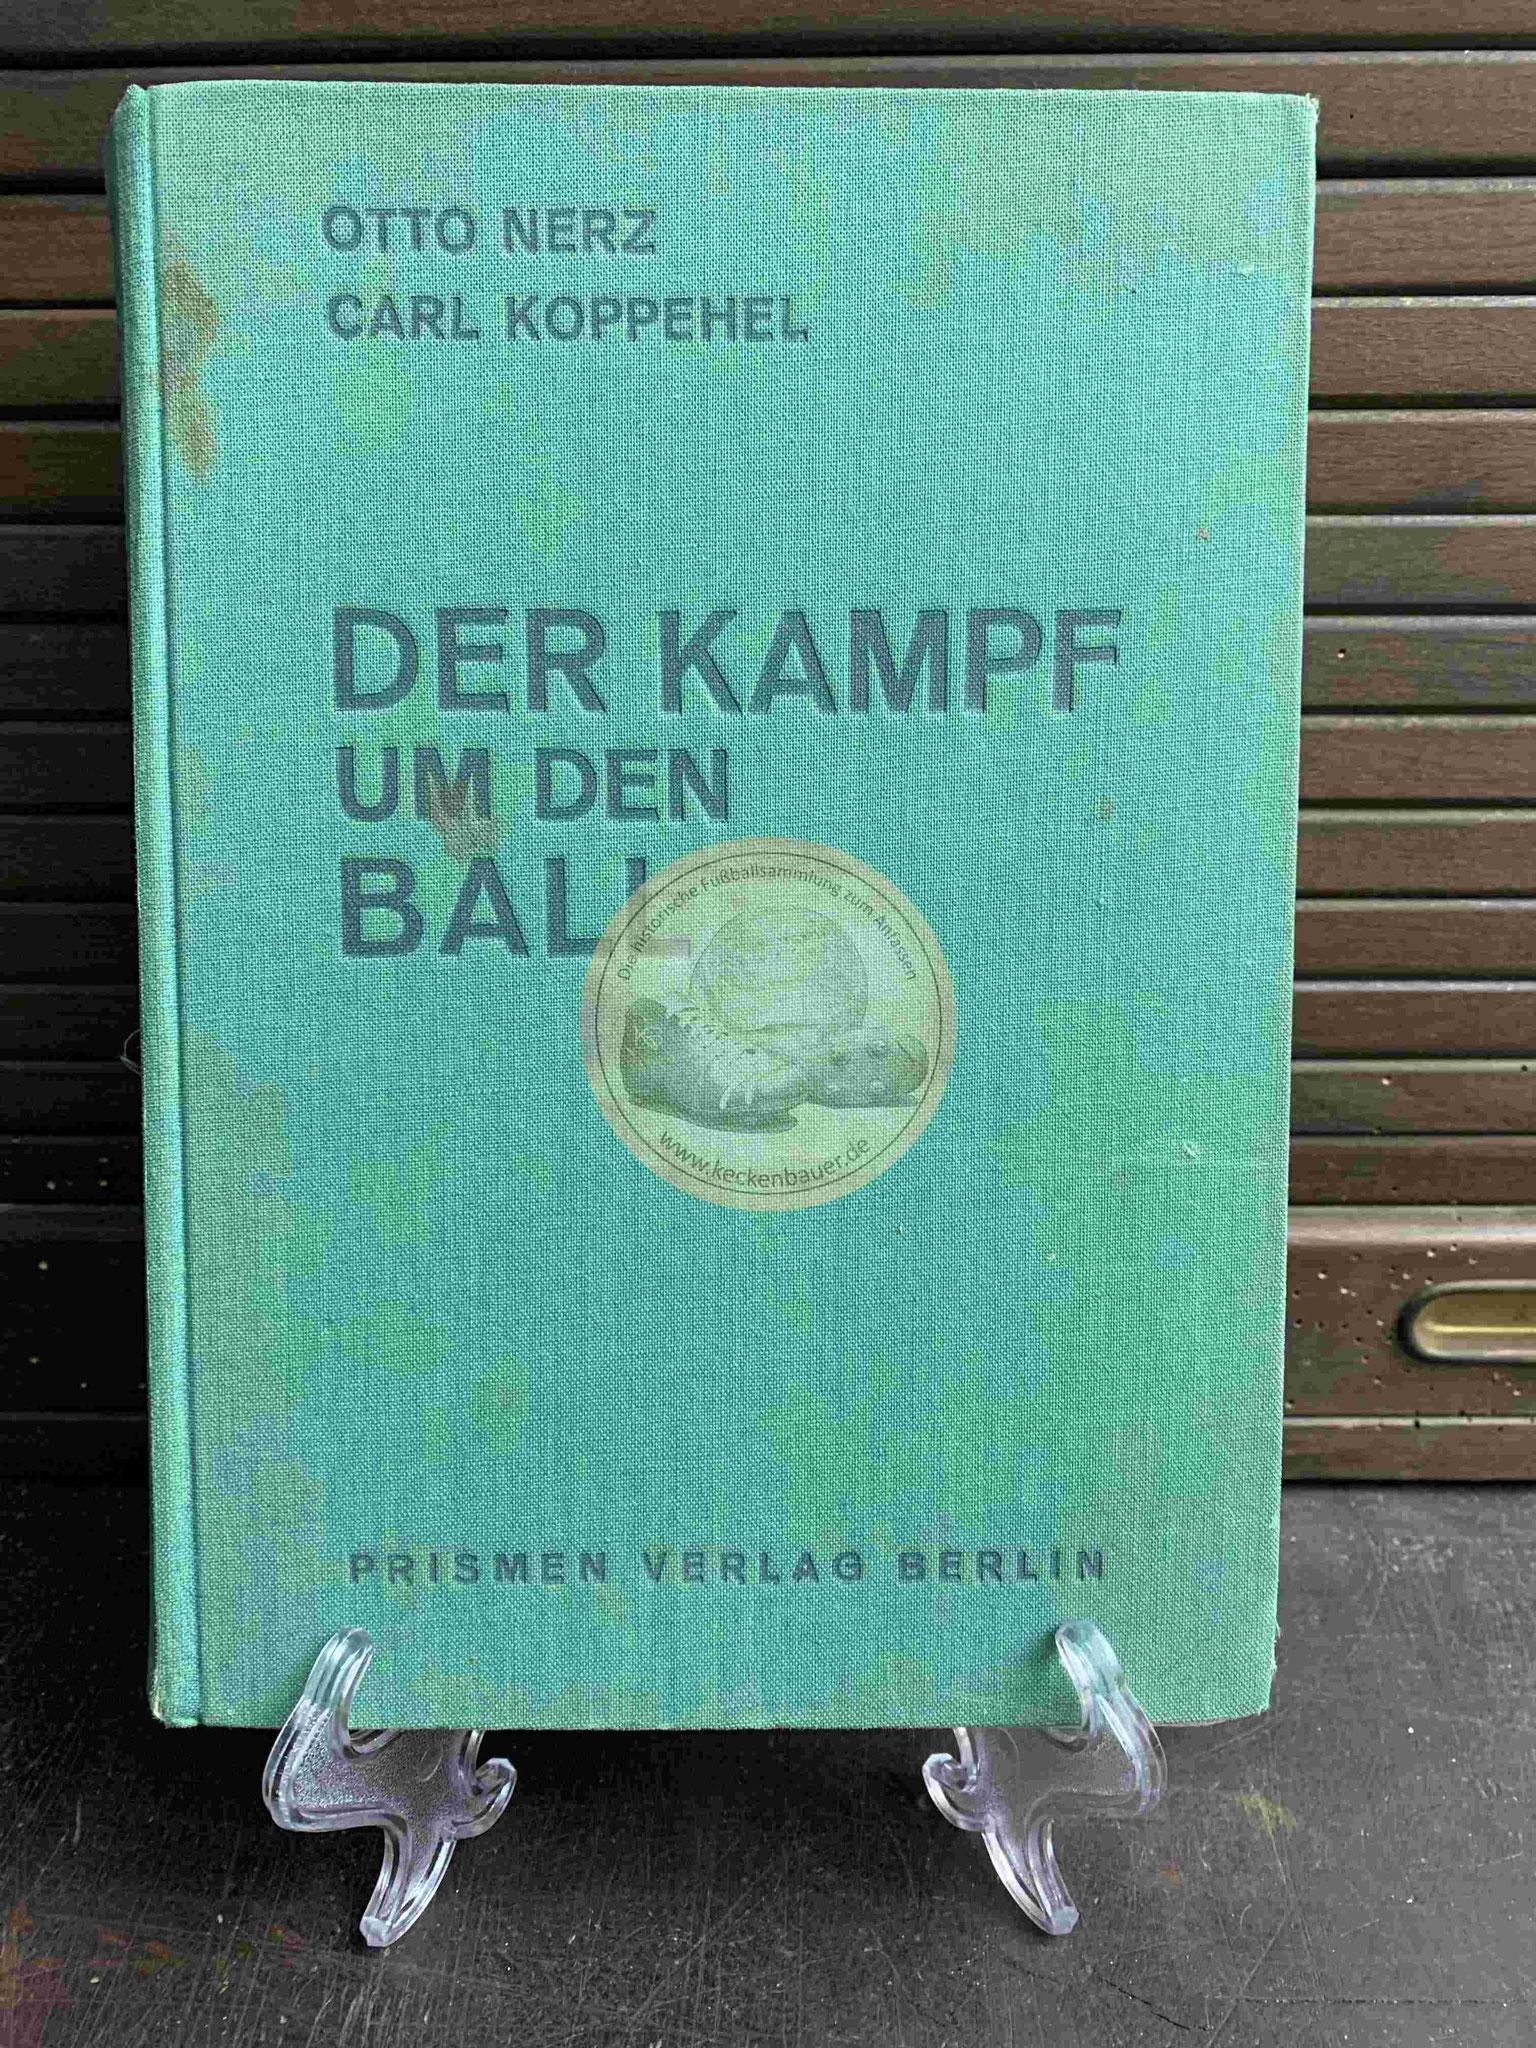 Der Kampf um den Ball von Otto Nerz und Carl Koppehel im Prismen Verlag Berlin aus dem Jahr 1933